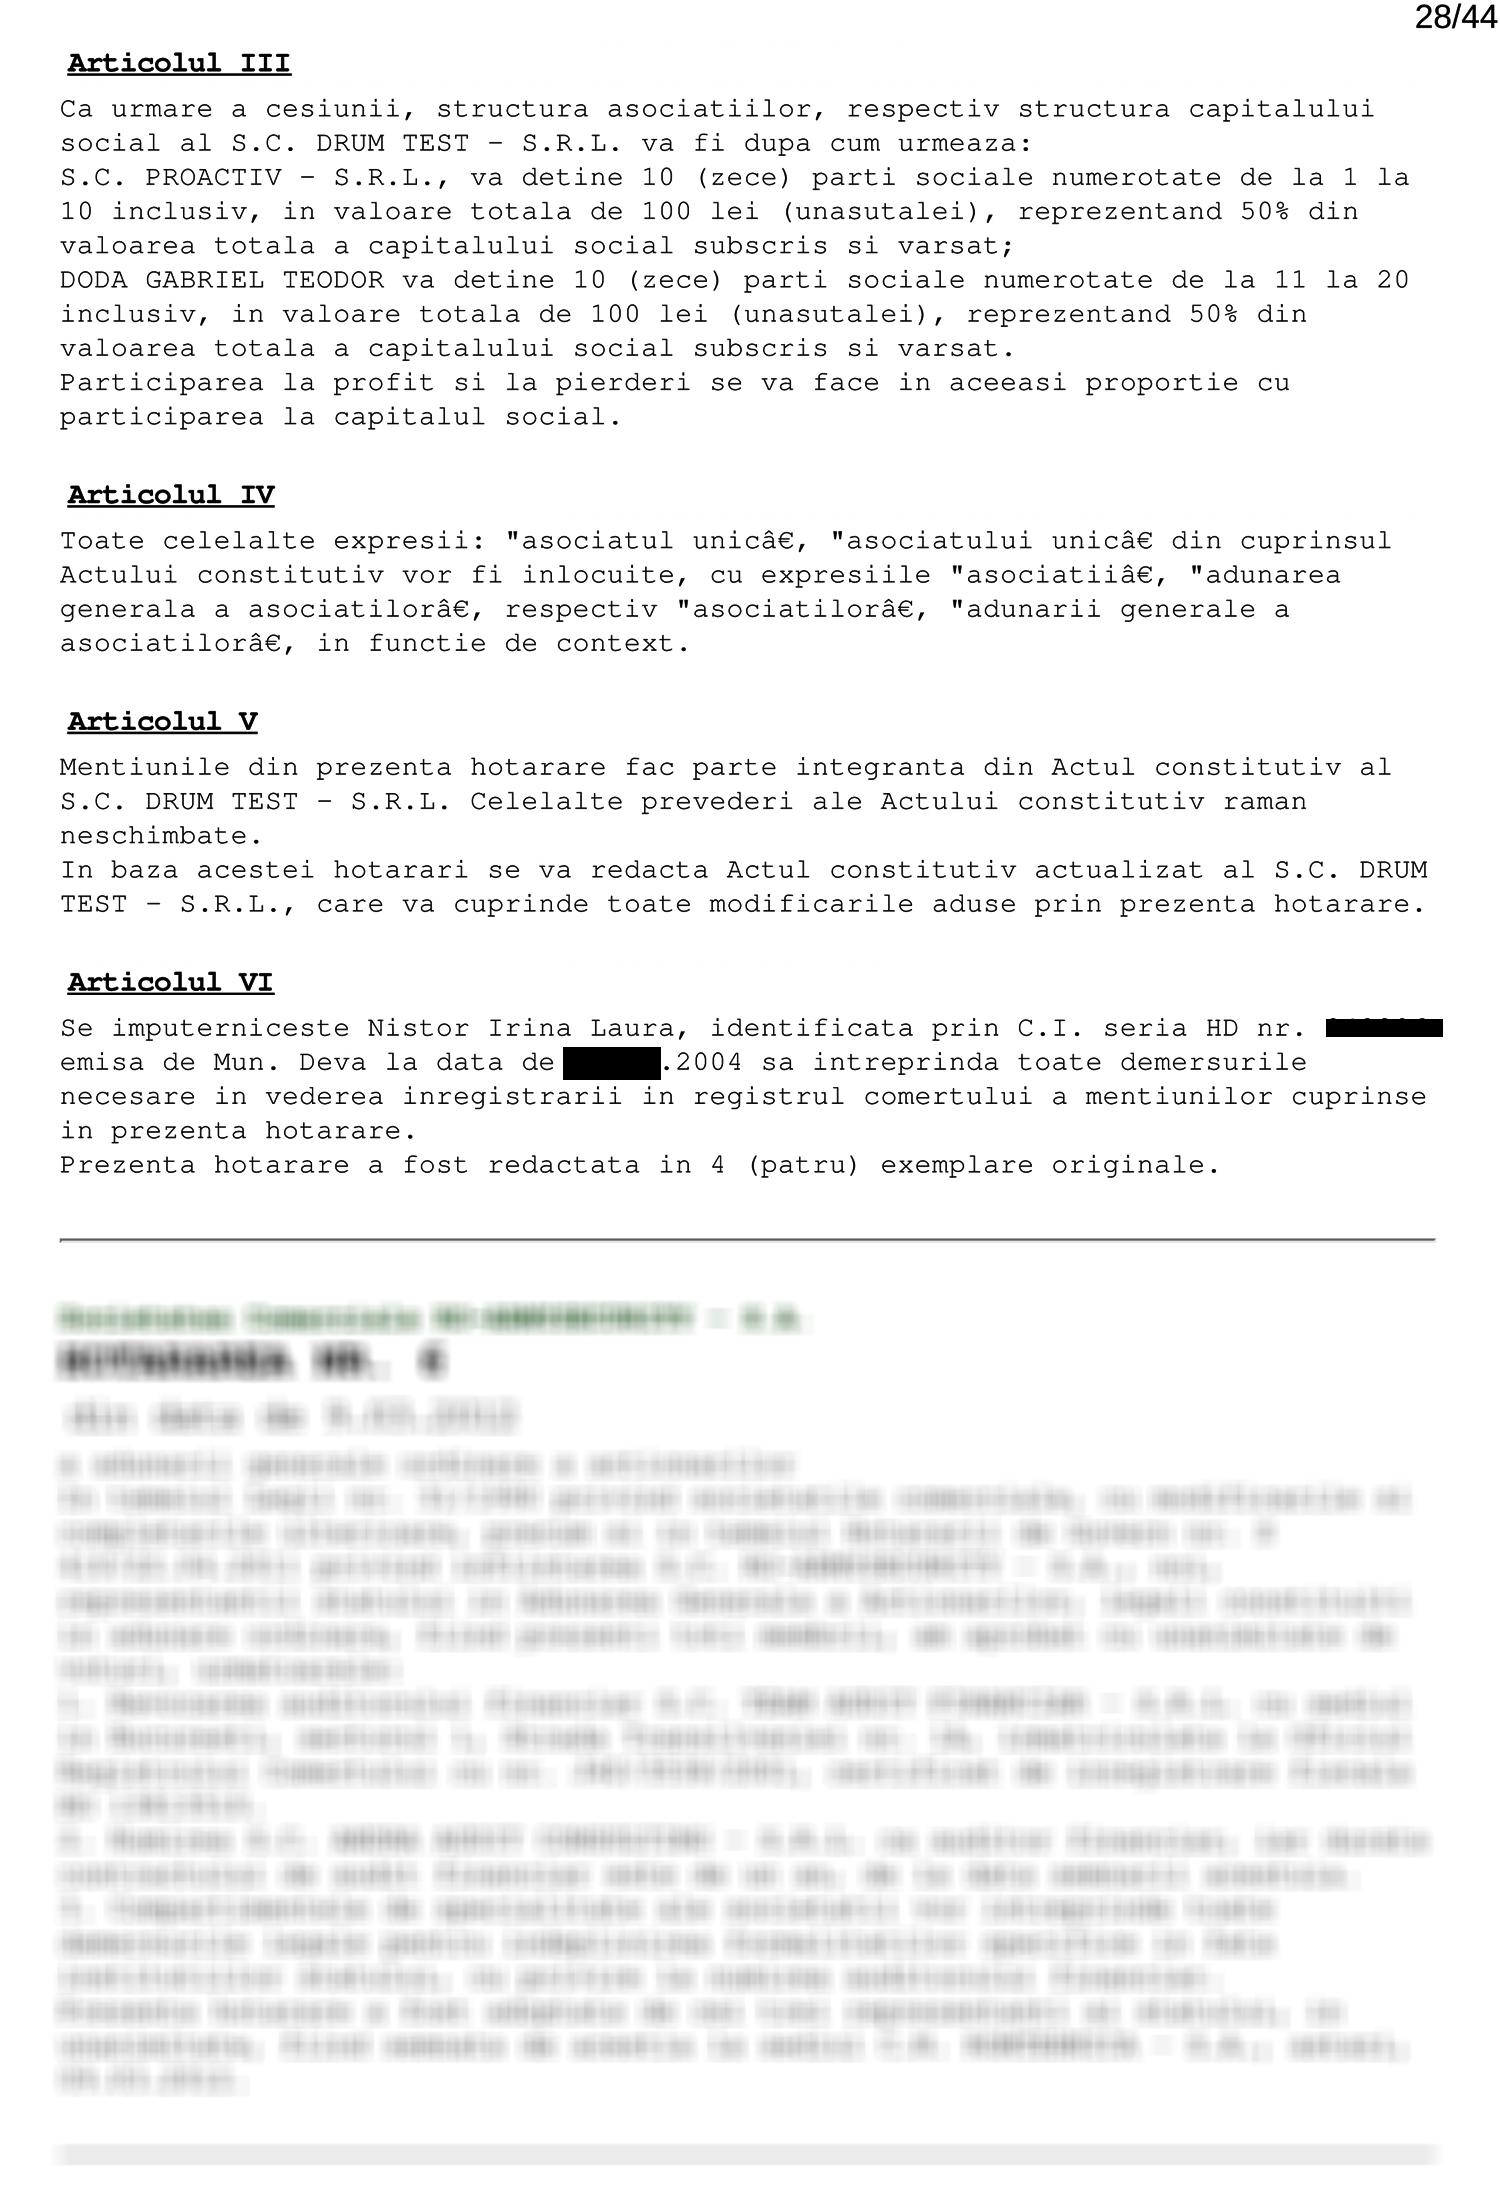 Răscumpărare părţi sociale Drum Test SRL (II)